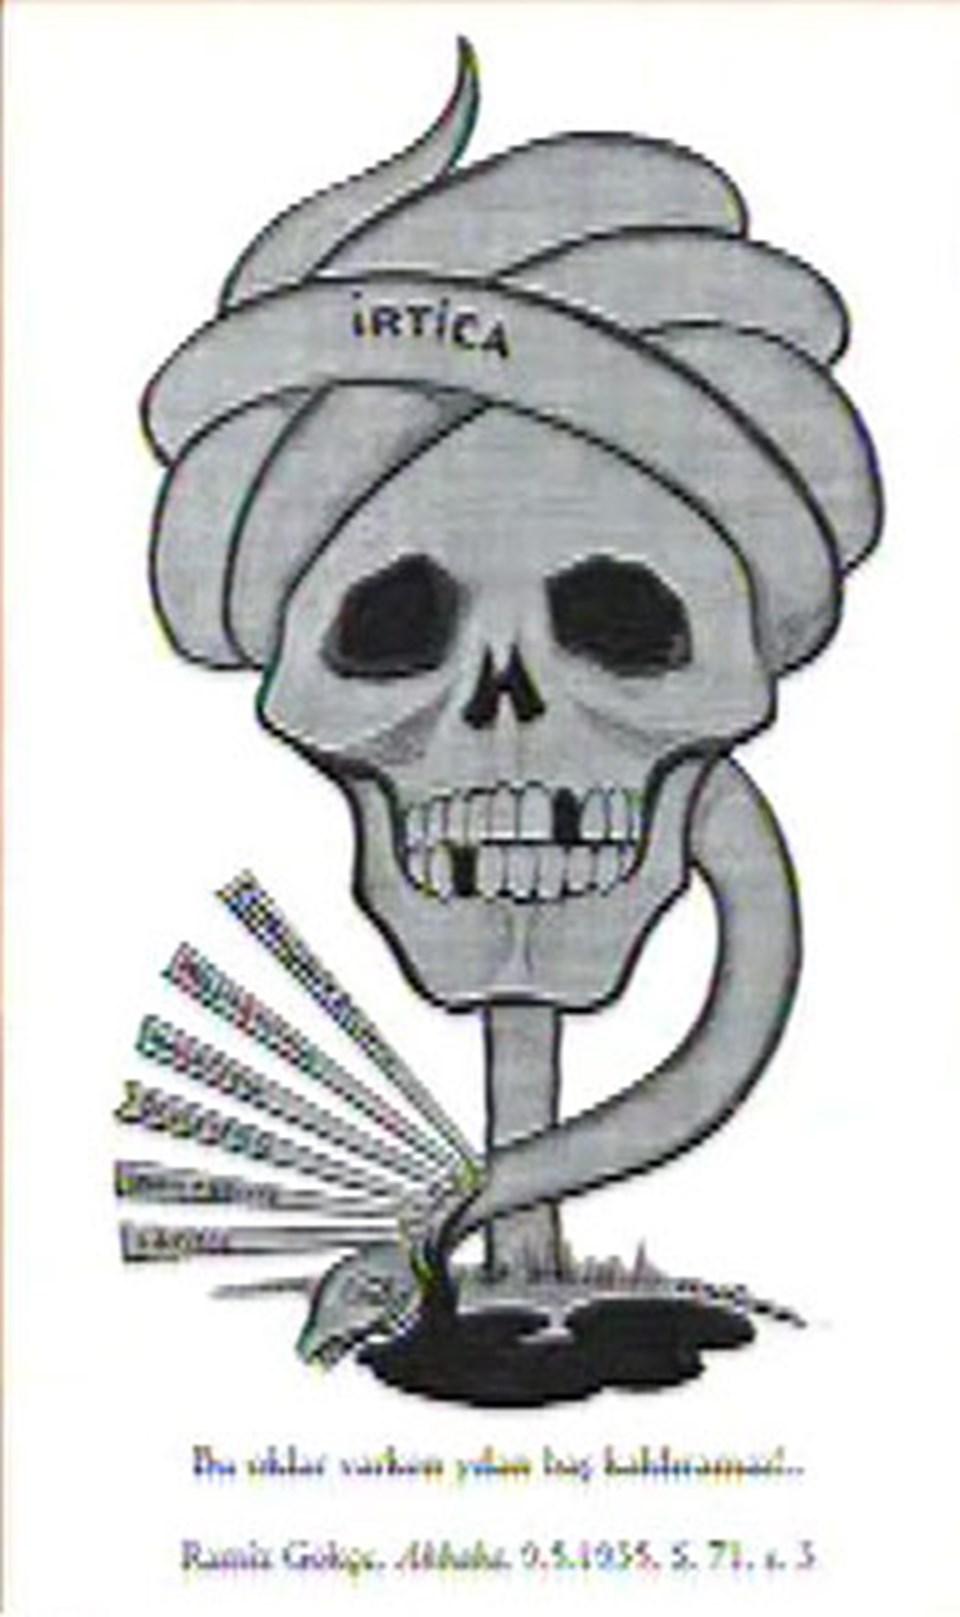 Yılan şeklinde bir sarık ve 'İritica' yazısı... Turgut Çeviker: Kürt isyanlarının olduğu yıllar. 20'yle 30 arası buna benzer çok karikatür vardır. Kürt isyanlarında dini bir yanın olduğu belirtilmiştir.